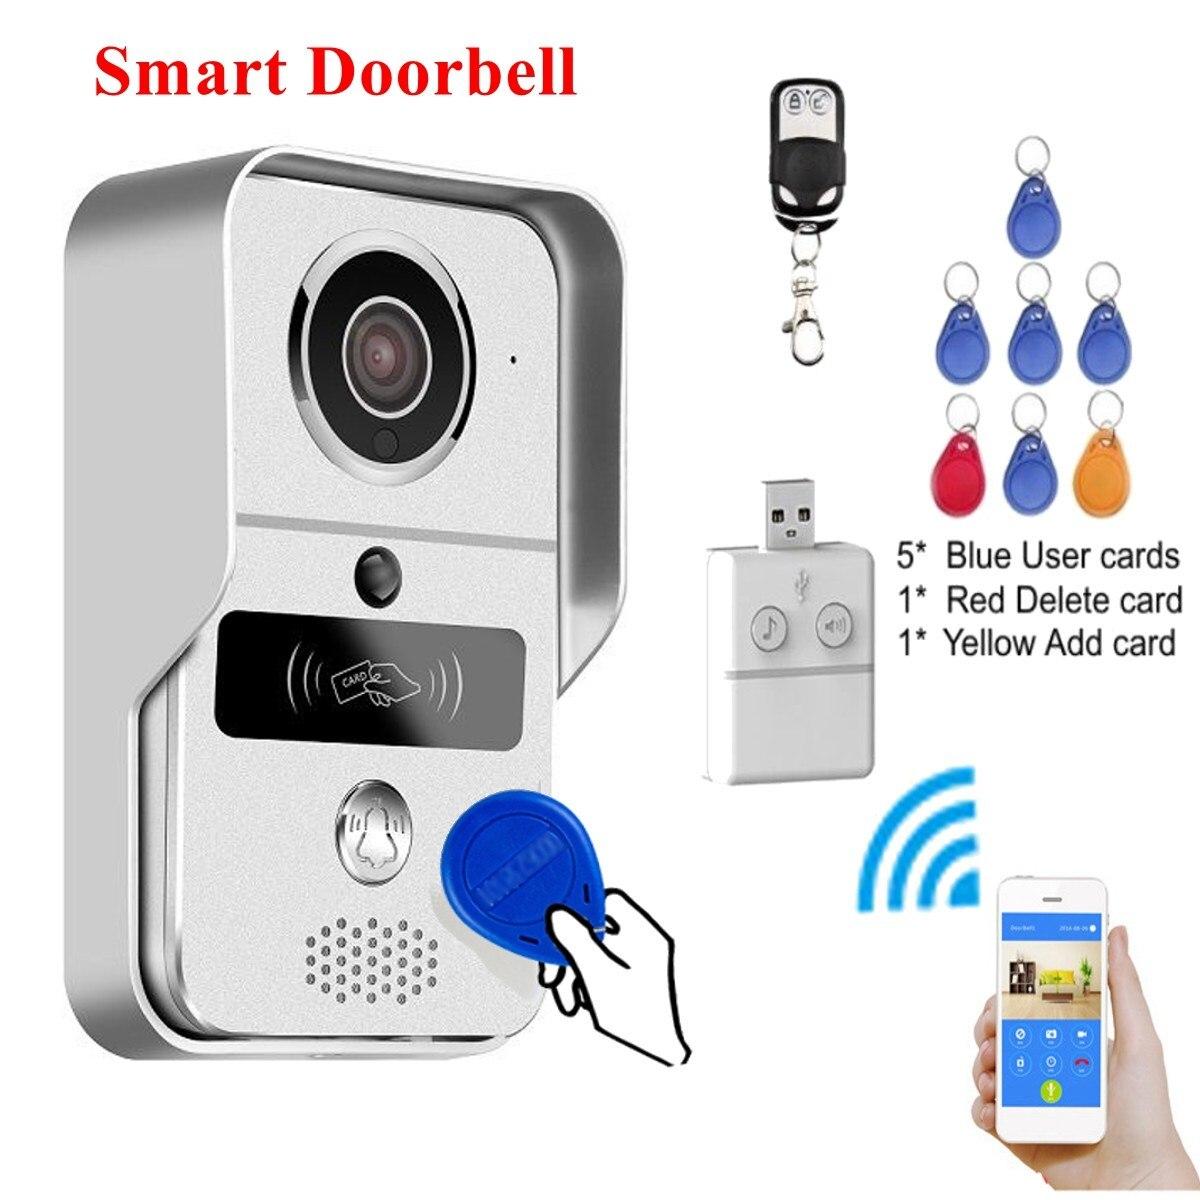 Новый safurance RFID Smart Беспроводной Wi Fi пульт дистанционного Дверные звонки телефон с поддержкой видео Камера кольцо охранных Домофон